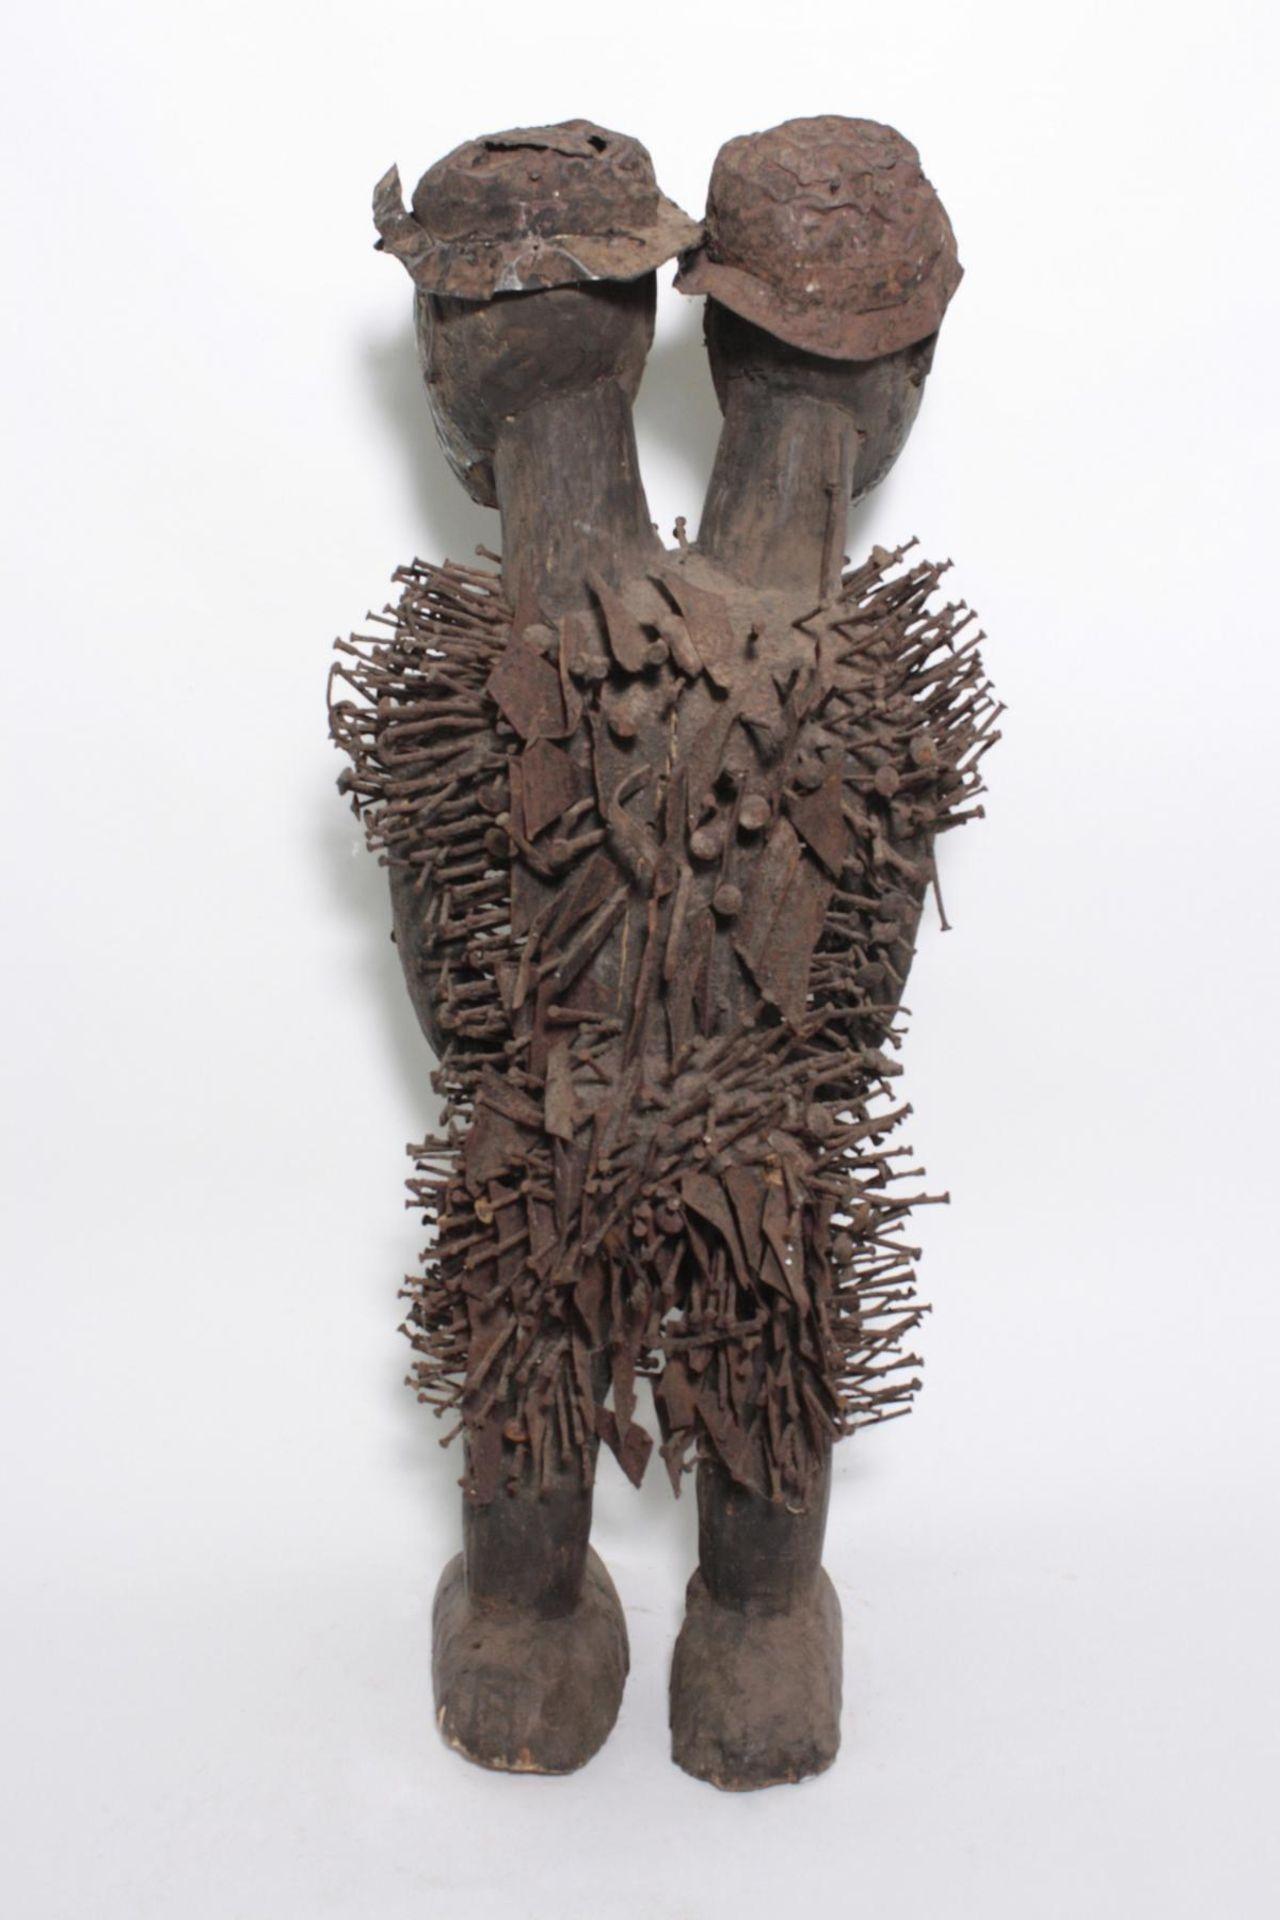 Doppelkopf-Nagelfetisch-Ritual Figur. Kongo-Yombe, Nkisi Nkondi, 1. Hälfte 20. Jh. - Bild 7 aus 9